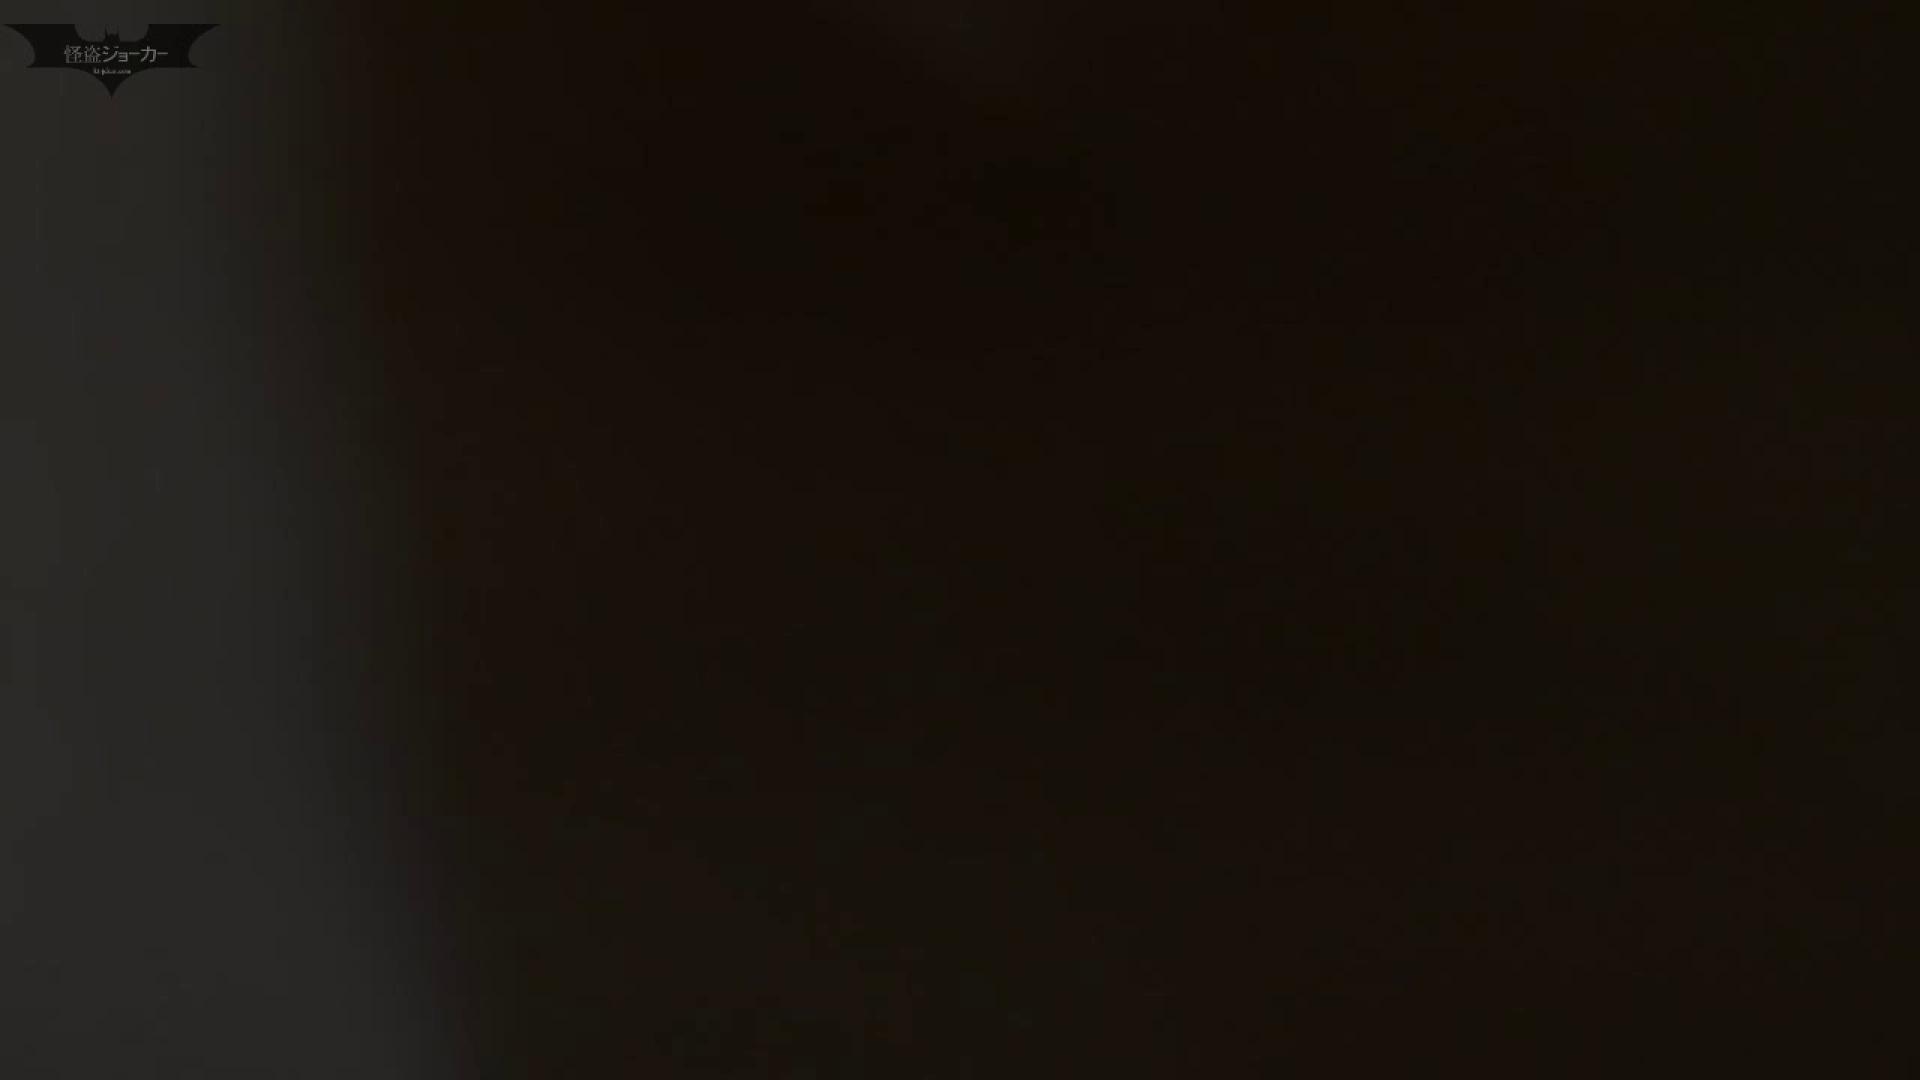 新世界の射窓 No61来ました!「ビジョビジョ」の美女達が・・・ ギャル達 おまんこ動画流出 104枚 74